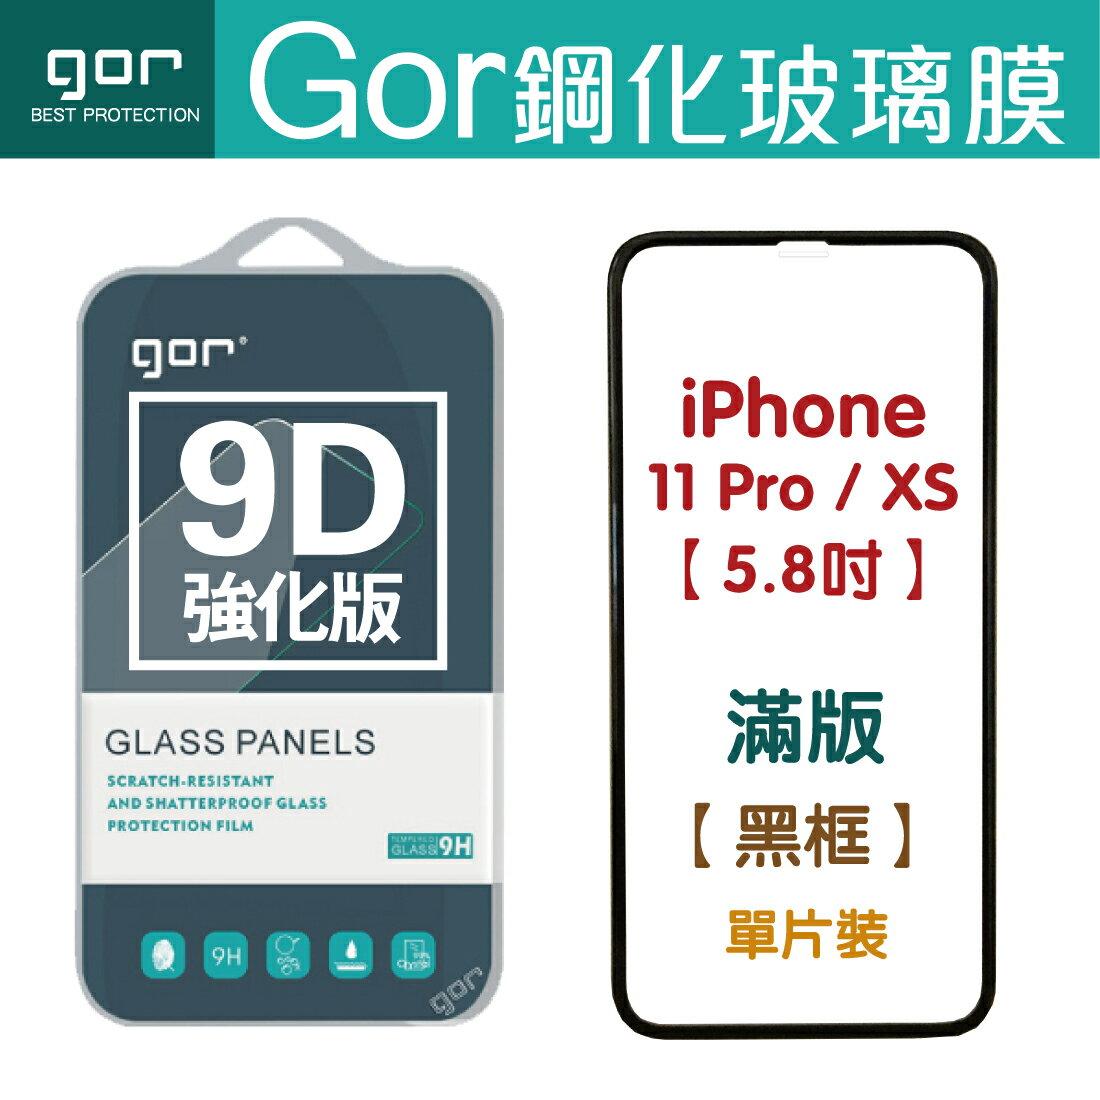 現貨 GOR 9H iPhone 11 Pro / X_XS 5.8吋 9D全玻璃曲面 鋼化玻璃保護貼 全滿版